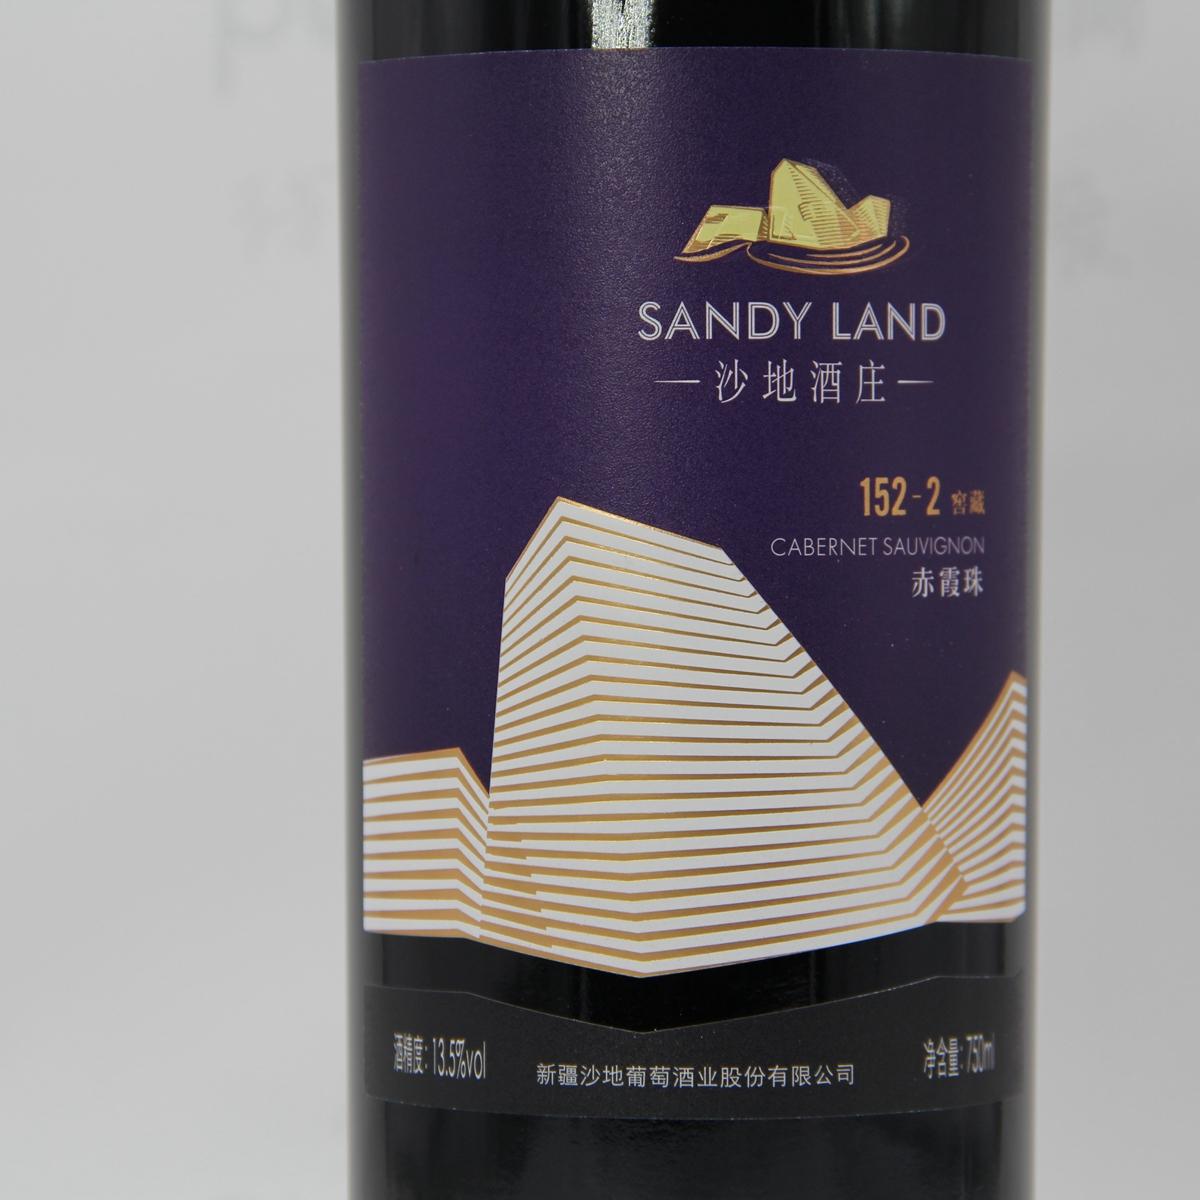 沙地酒庄 152-2窖藏赤霞珠干红葡萄酒